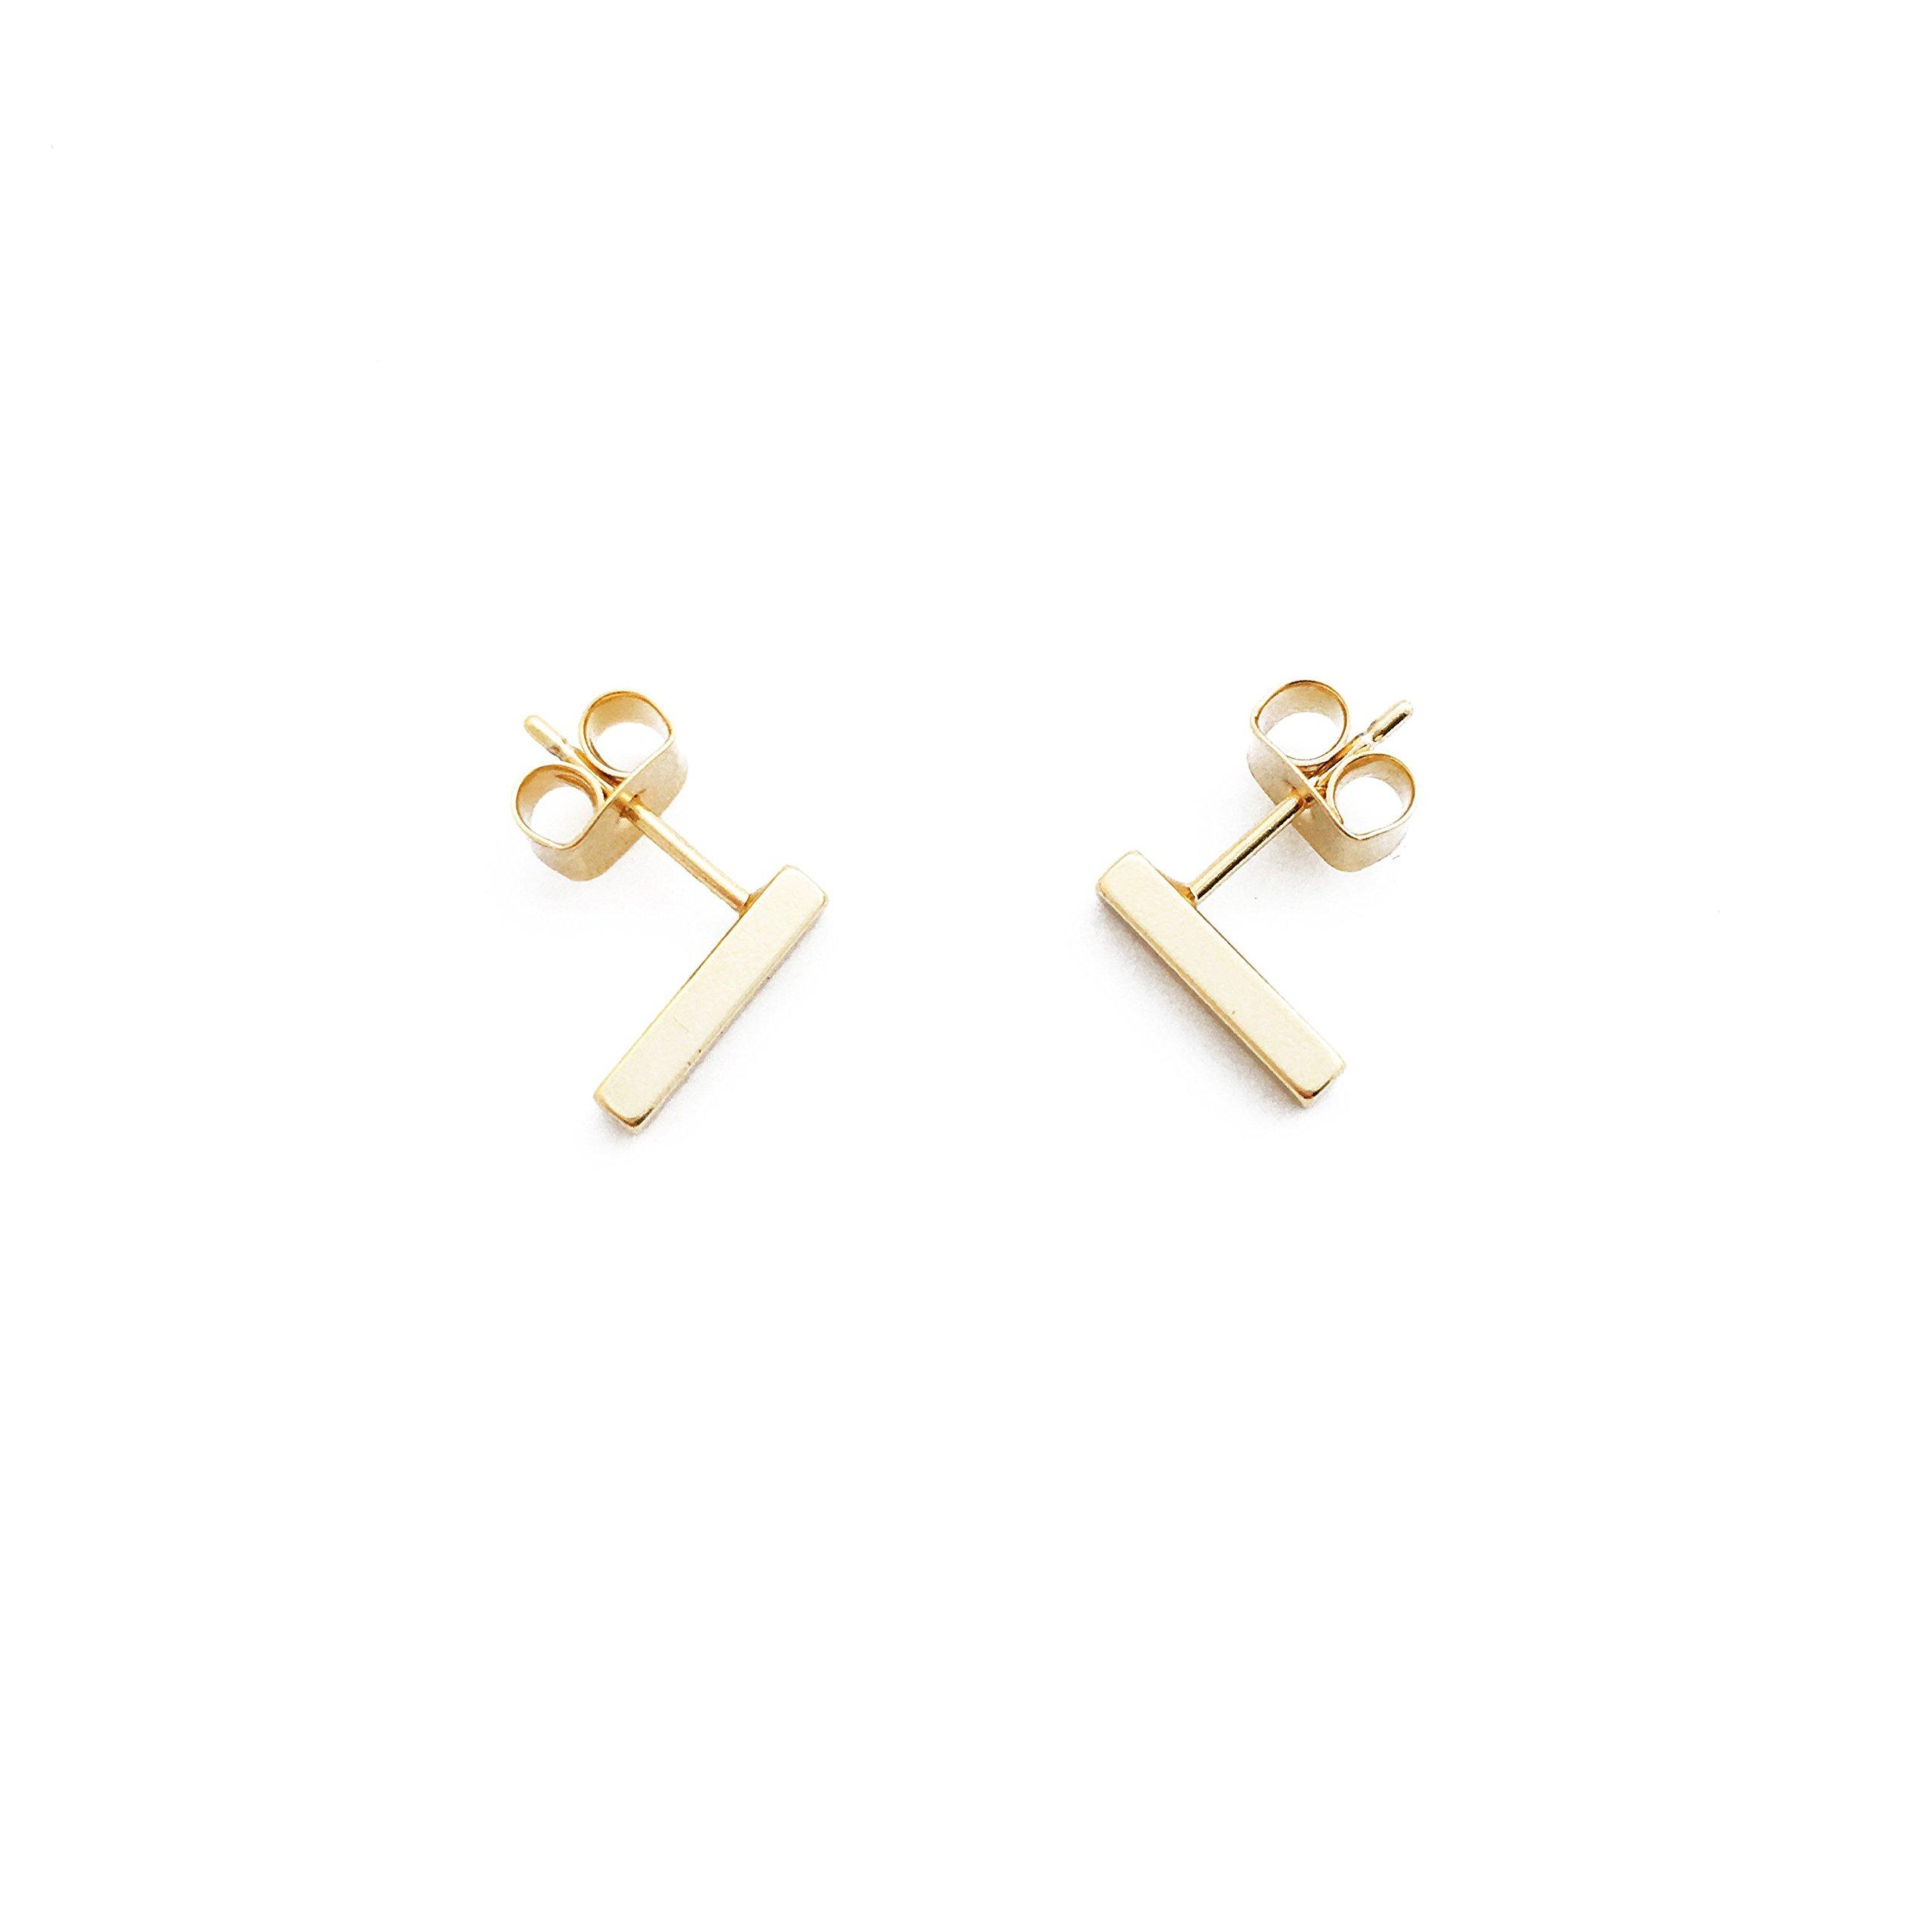 HONEYCAT Flat Drop Bar Stud Earrings in 24k Gold Plate   Minimalist, Delicate Jewelry (Gold)